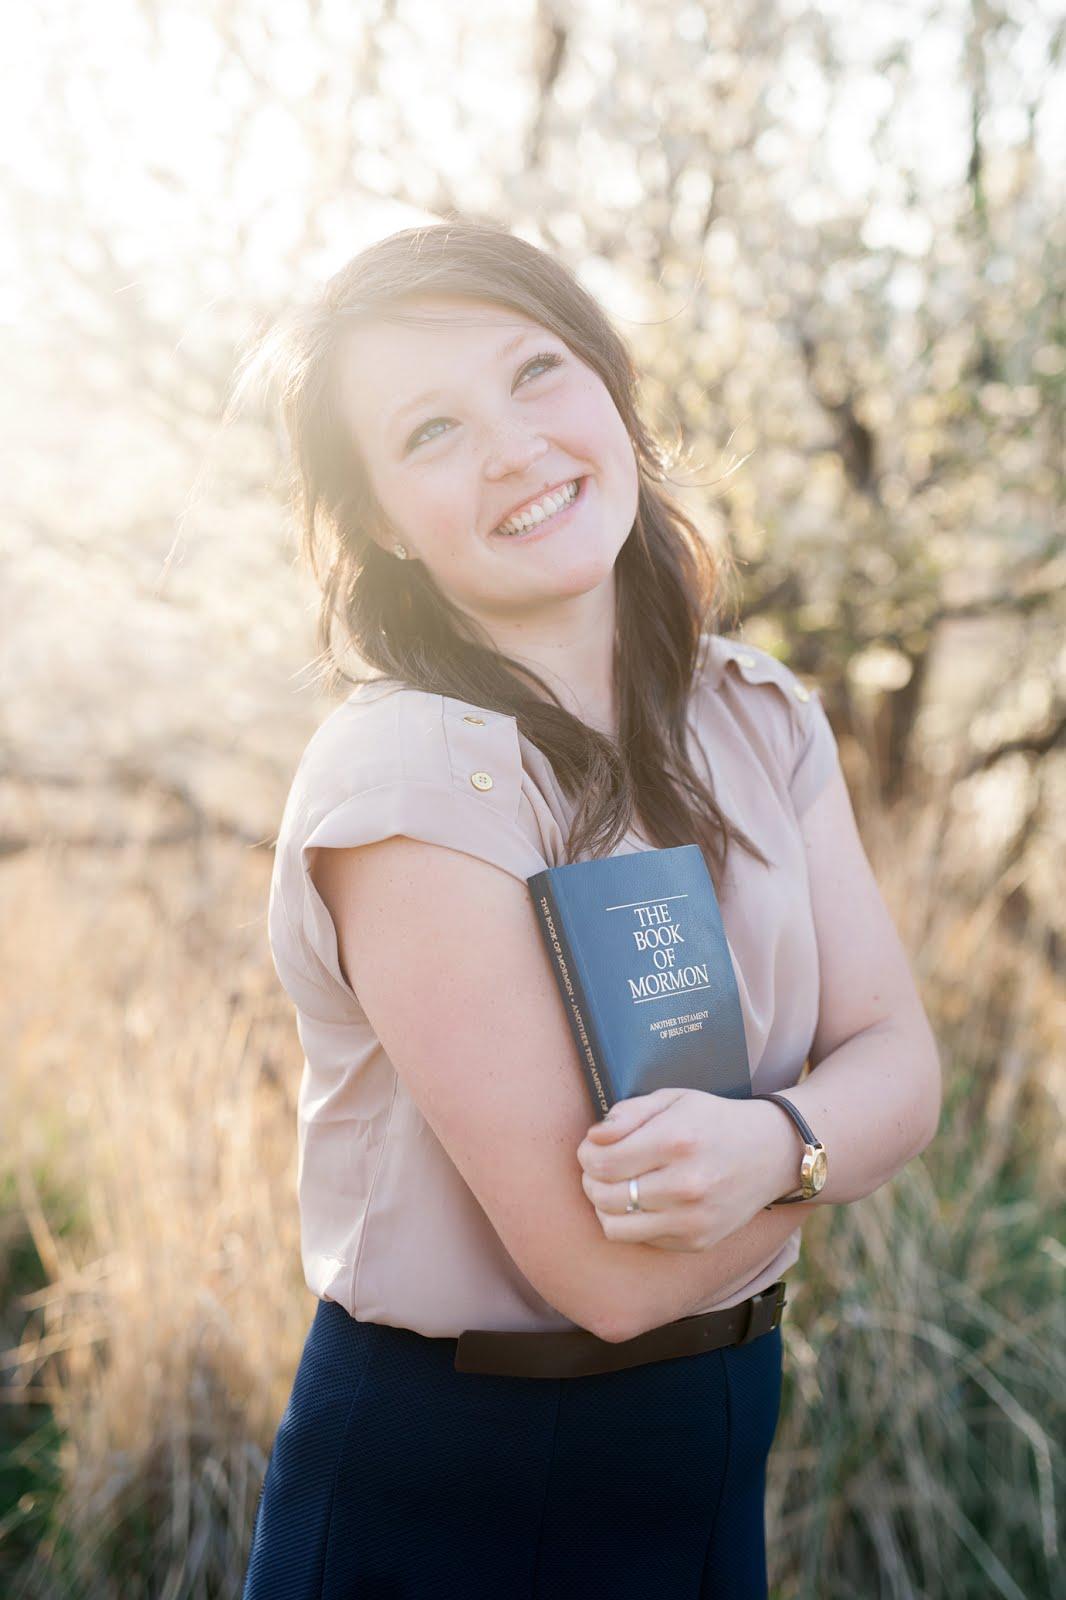 Sister Erica Olesen